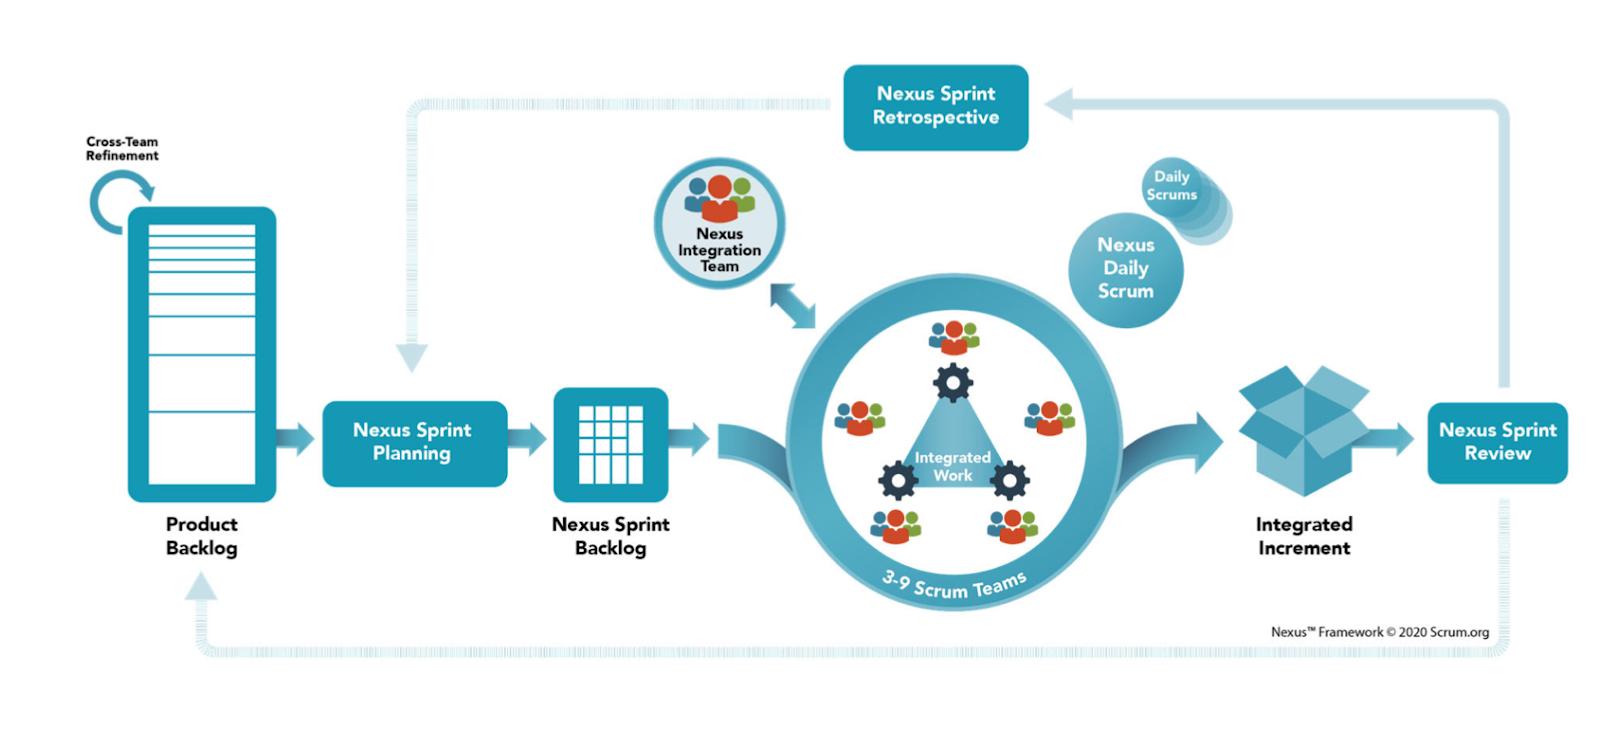 Das Nexus Framework in der Übersicht